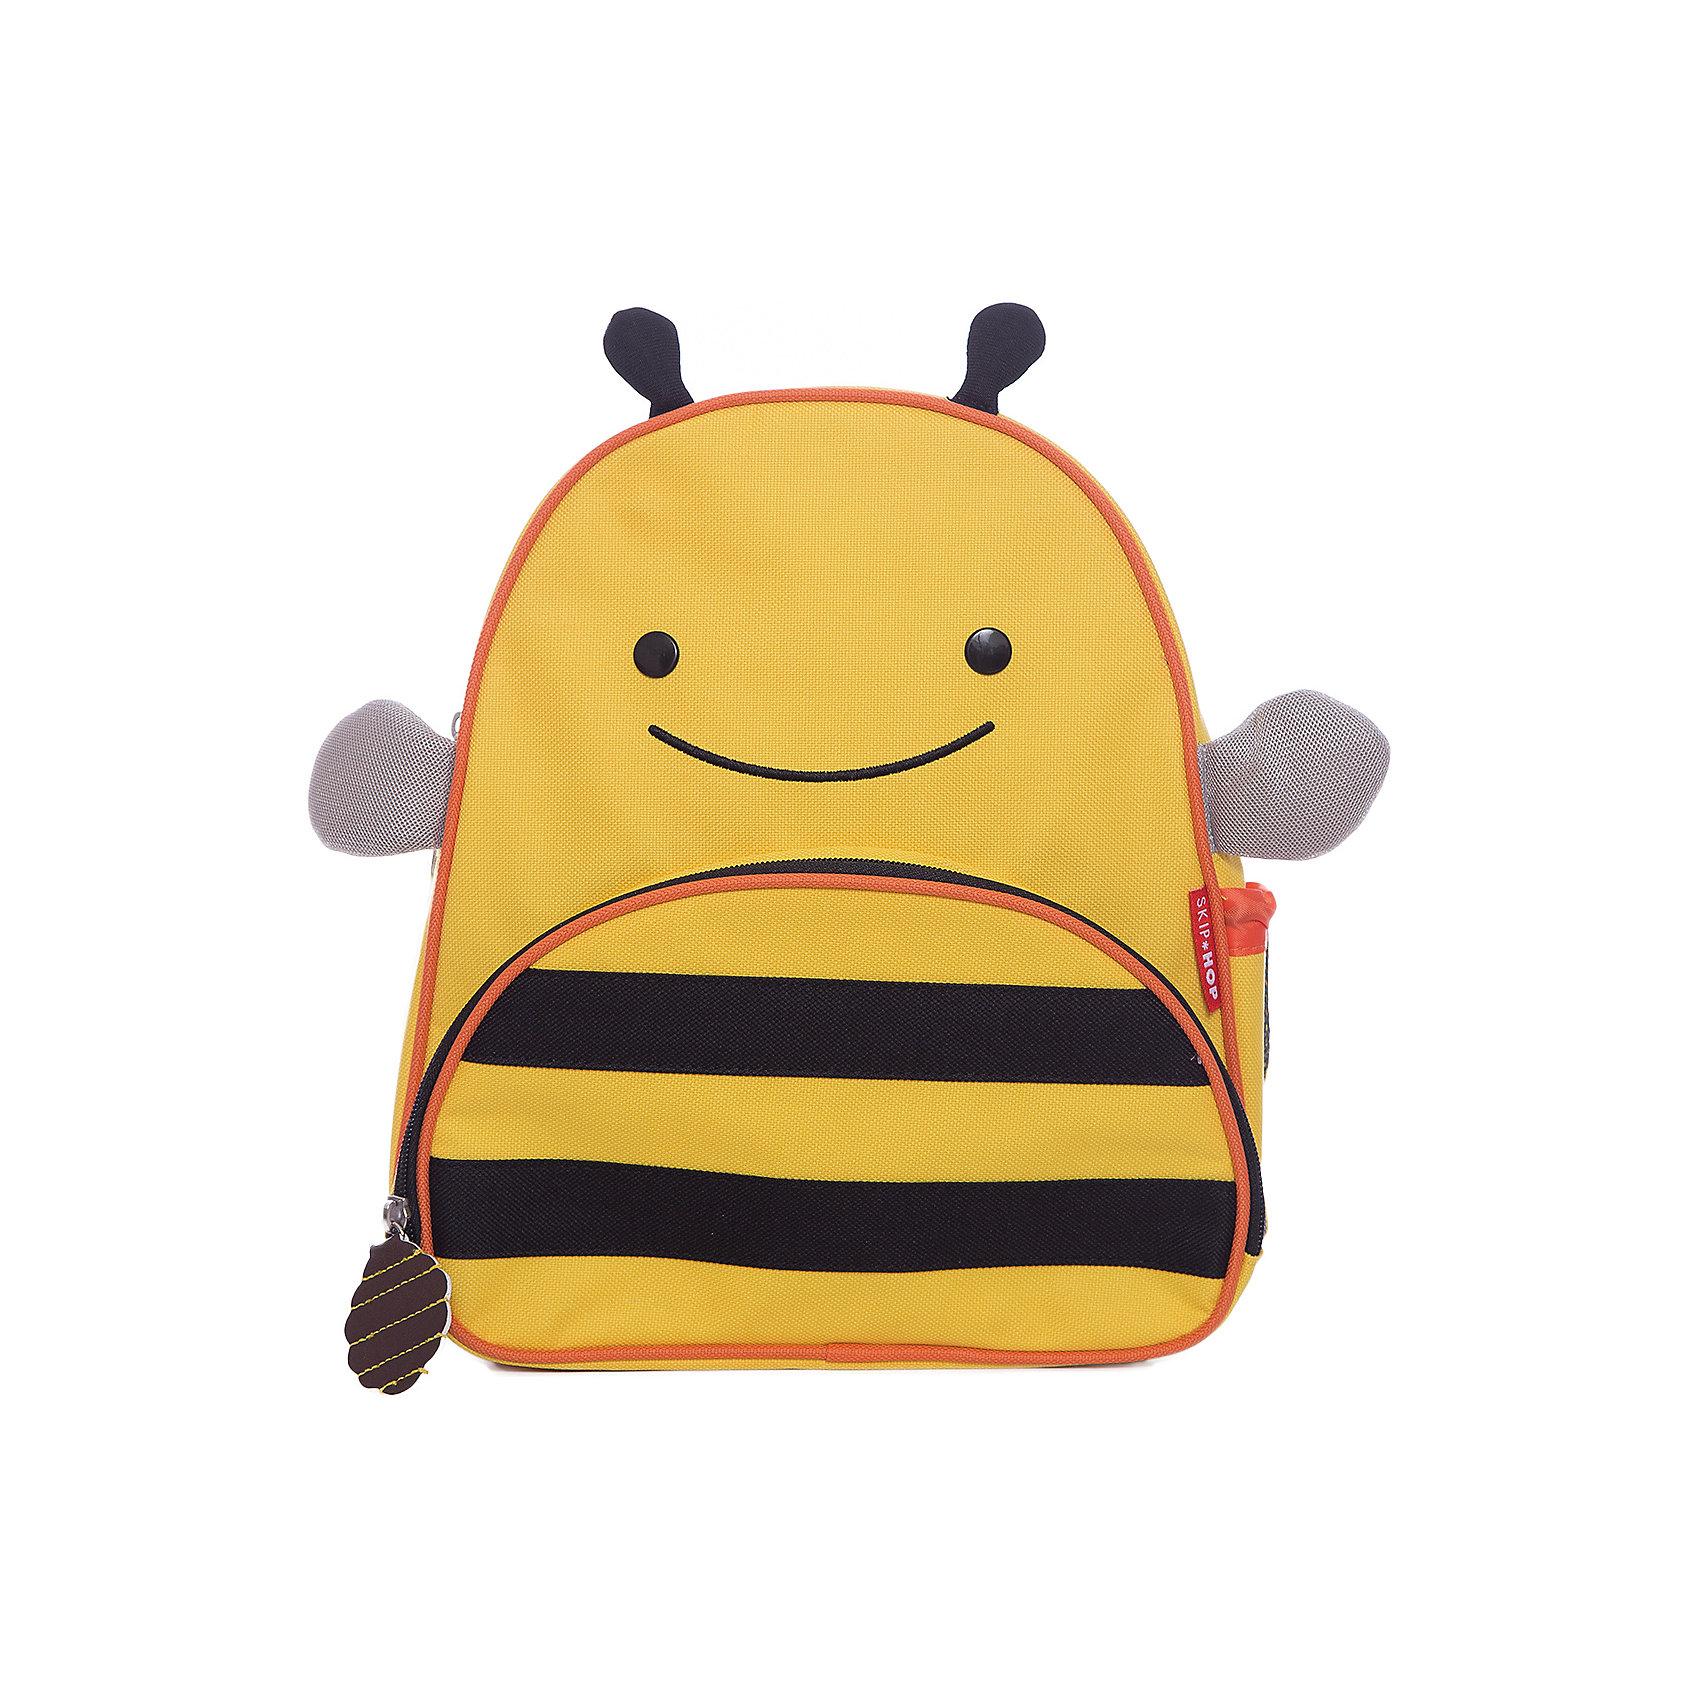 Рюкзак детский Пчела, Skip HopДетские рюкзаки<br>Характеристики товара:<br><br>• возраст от 3 лет;<br>• материал: полиэстер;<br>• размер рюкзака 25х29х11 см;<br>• вес рюкзака 270 гр.;<br>• страна производитель: Китай.<br><br>Рюкзак детский «Пчела» Skip Hop выполнен в виде желтой полосатой пчелки с глазками и крылышками. На молниях висят брелки в виде пчелинового улея. Ребенок сможет брать с собой все необходимое на прогулку, в детский садик, в гости, на дачу. В основном отделении поместятся тетради, альбомы, блокноты, карандаши, фломастеры. Спереди кармашек для дополнительных мелочей, а сбоку для бутылочки с напитком или бокса для еды. <br><br>Мягкие регулируемые лямки обеспечивают комфортное ношение. Предусмотрена небольшая ручка для переноски в руках или подвешивания. Рюкзак выполнен из прочной качественной ткани. Его можно стирать в стиральной машине.<br><br>Рюкзак детский «Пчела» Skip Hop можно приобрести в нашем интернет-магазине.<br><br>Ширина мм: 290<br>Глубина мм: 50<br>Высота мм: 320<br>Вес г: 350<br>Возраст от месяцев: 24<br>Возраст до месяцев: 72<br>Пол: Унисекс<br>Возраст: Детский<br>SKU: 5608247